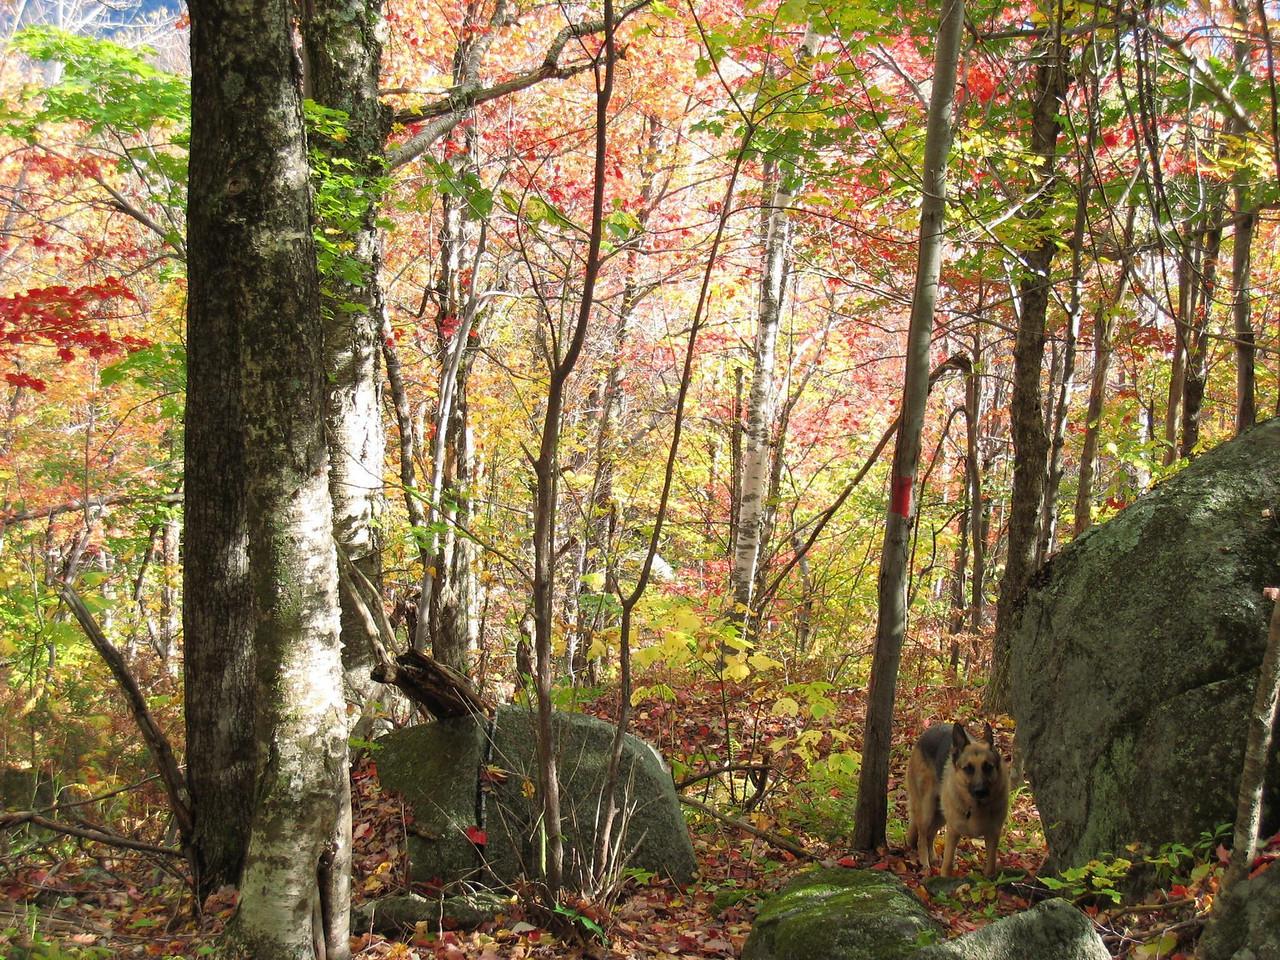 Leaf Peeping on Mt. Sunapee